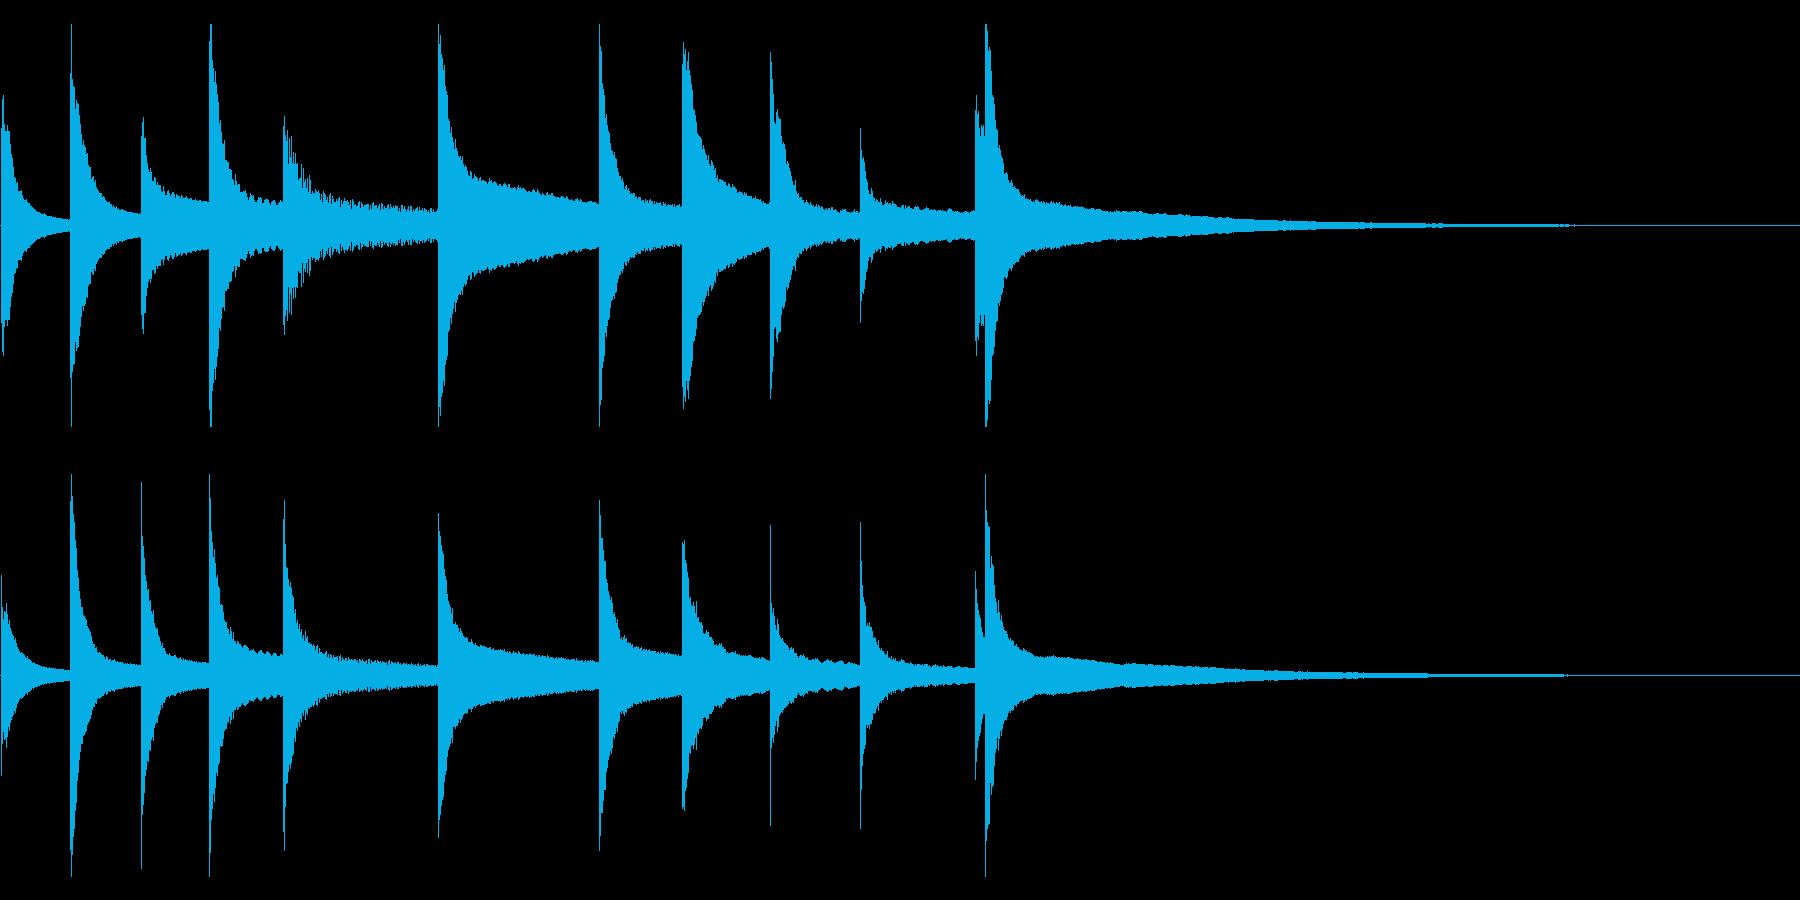 オーケストラベル:ミュージカルアク...の再生済みの波形